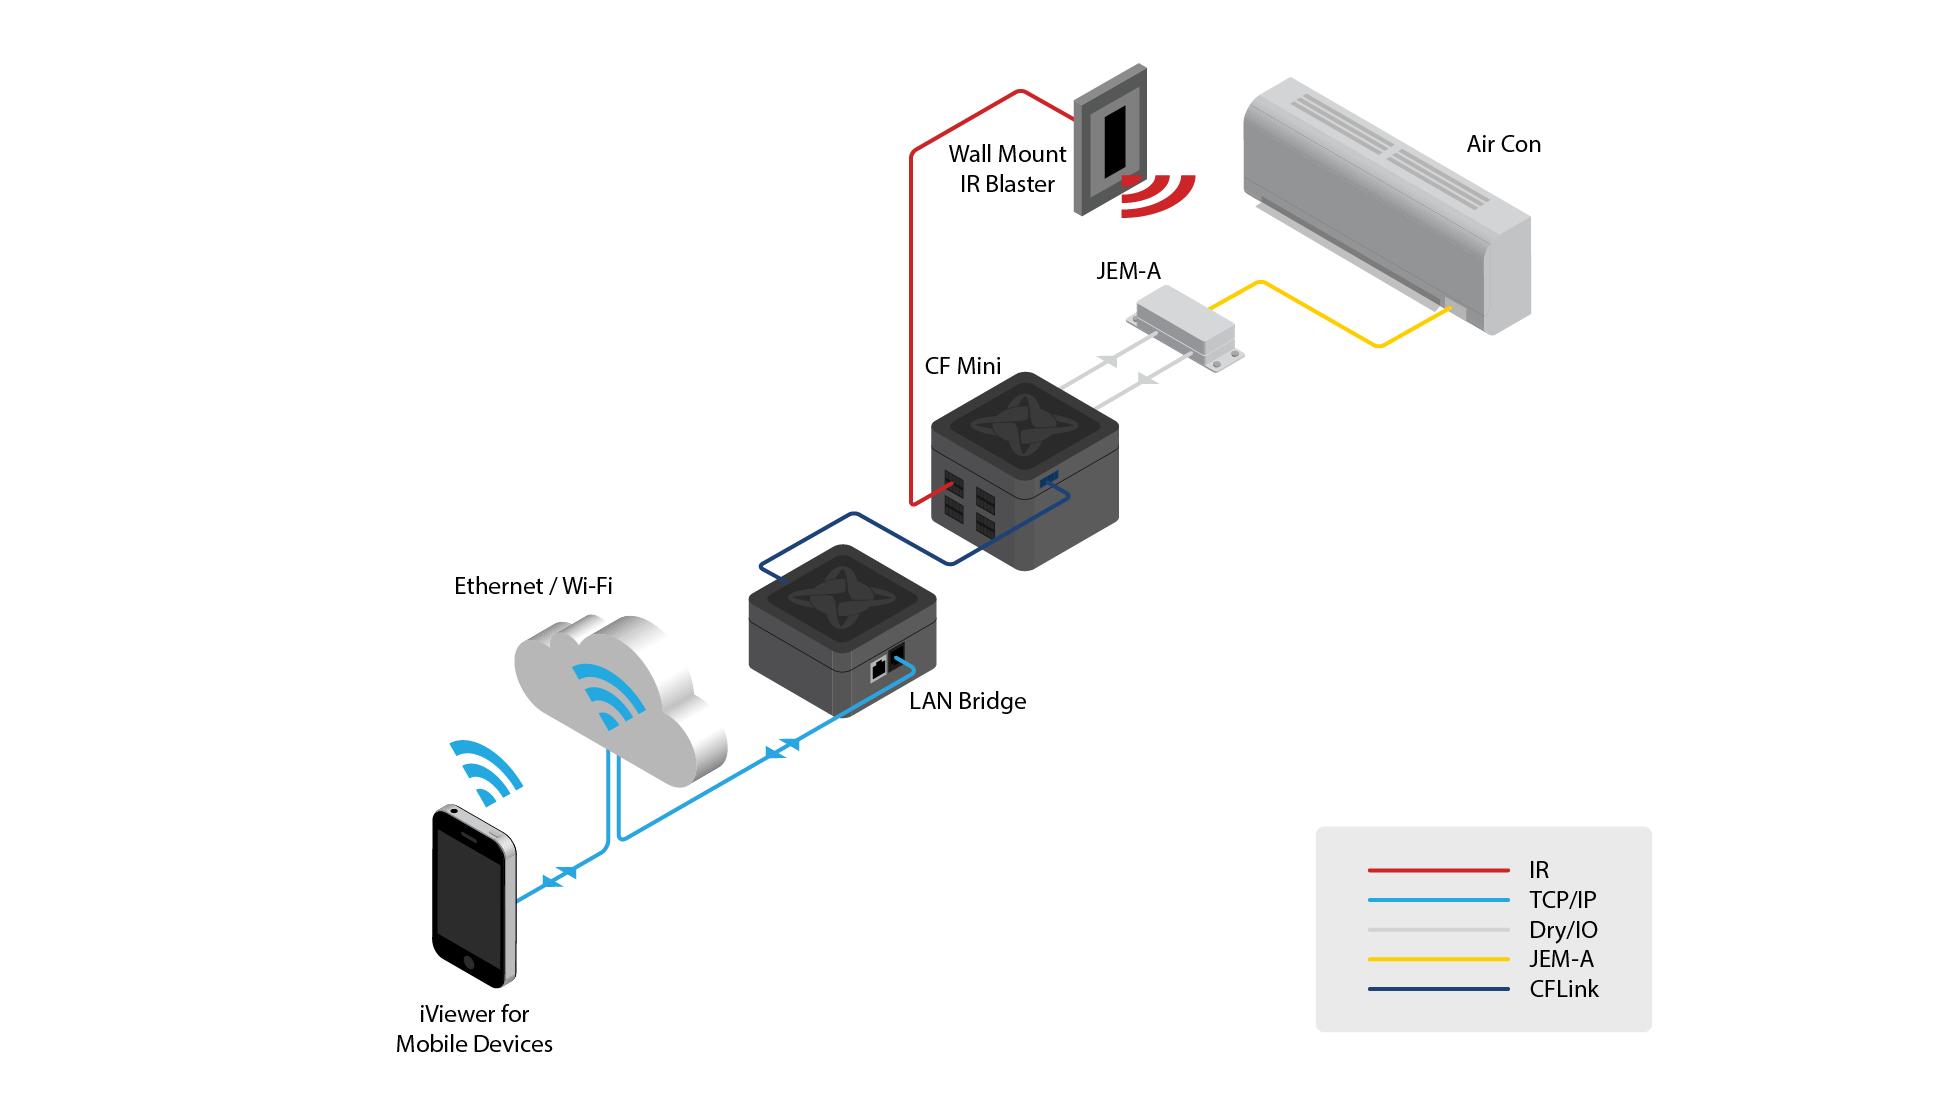 CommandFusionのLANBriddgeを天井内に敷設。これでDC24Vを送ることによって、ラック側のケーブルはスッキリさせた。 ルートロンはIPでコントロール。RS-232Cより高速かつ安定した通信を実現させた。